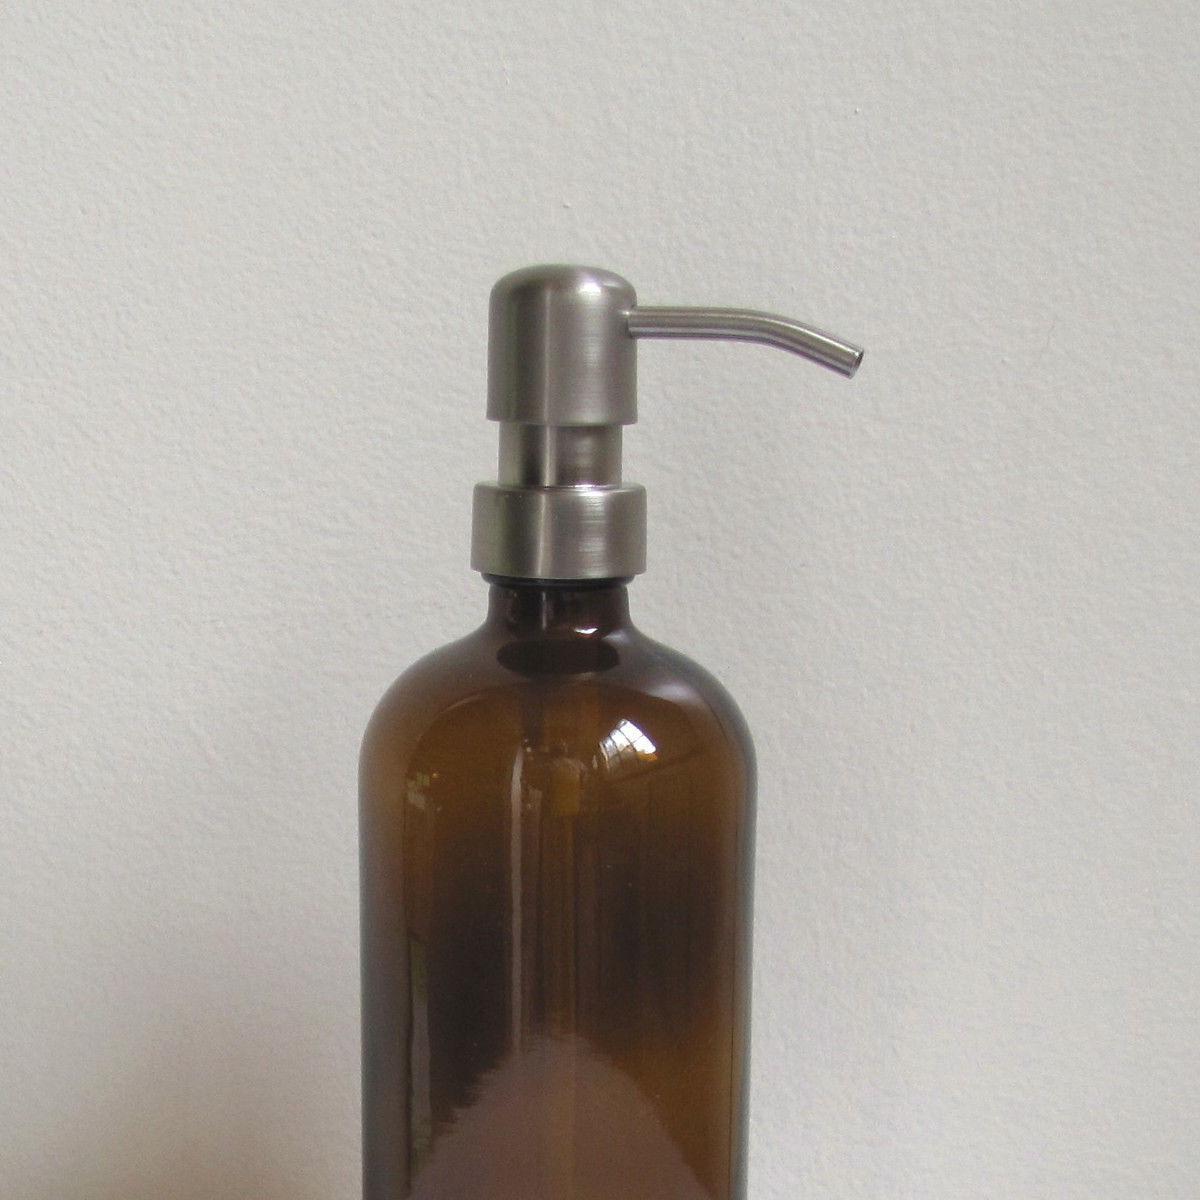 Soap Dispenser Pump Replacement, Wine Liquor Bottle Daniels Mason